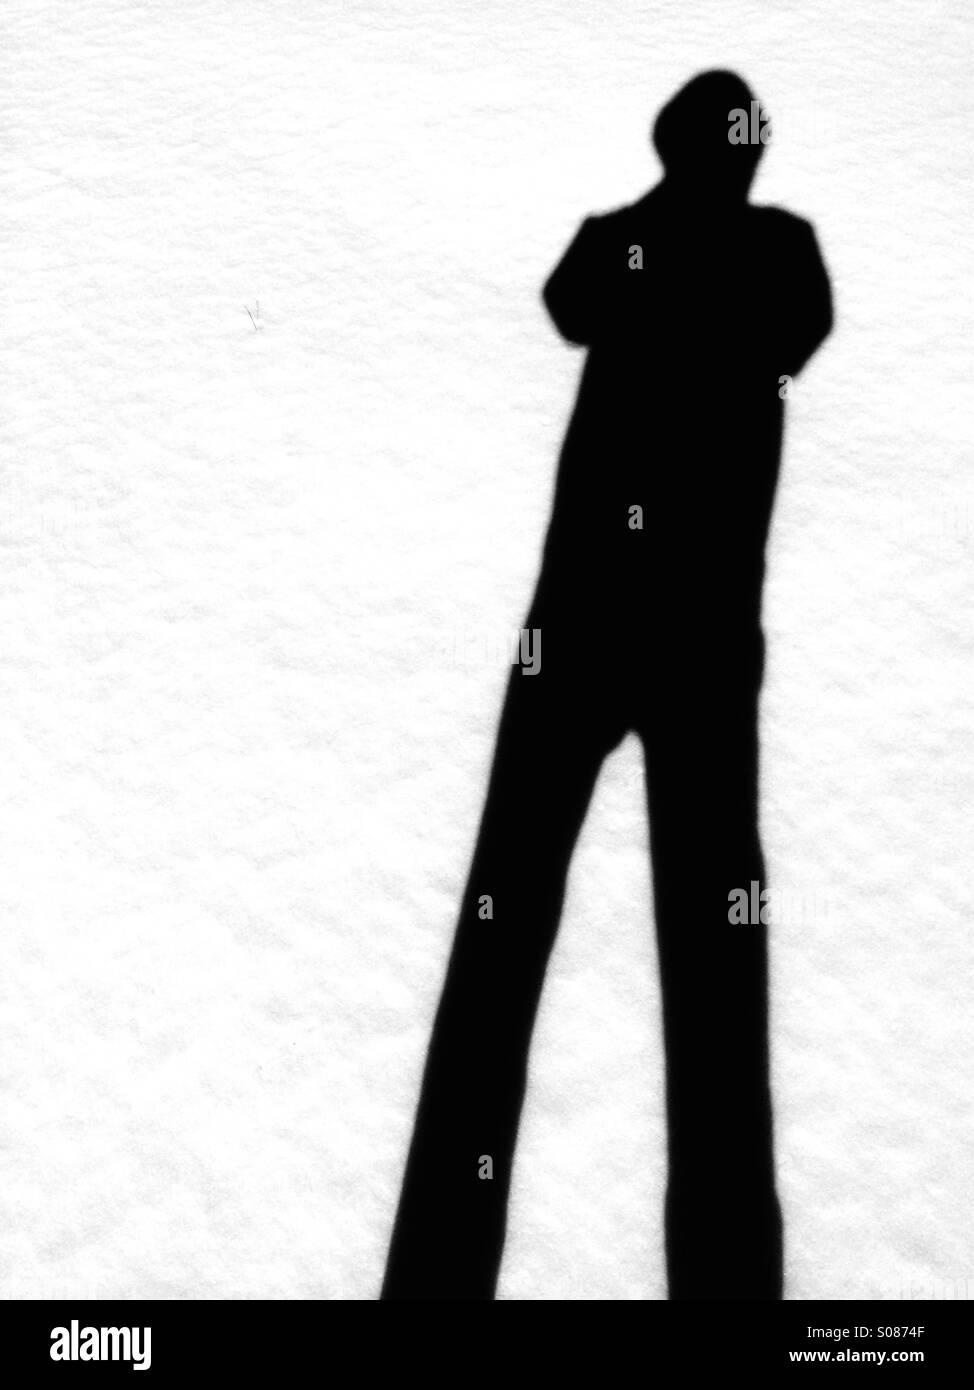 Schatten eines Mannes gegen den weißen Schnee. Stockbild